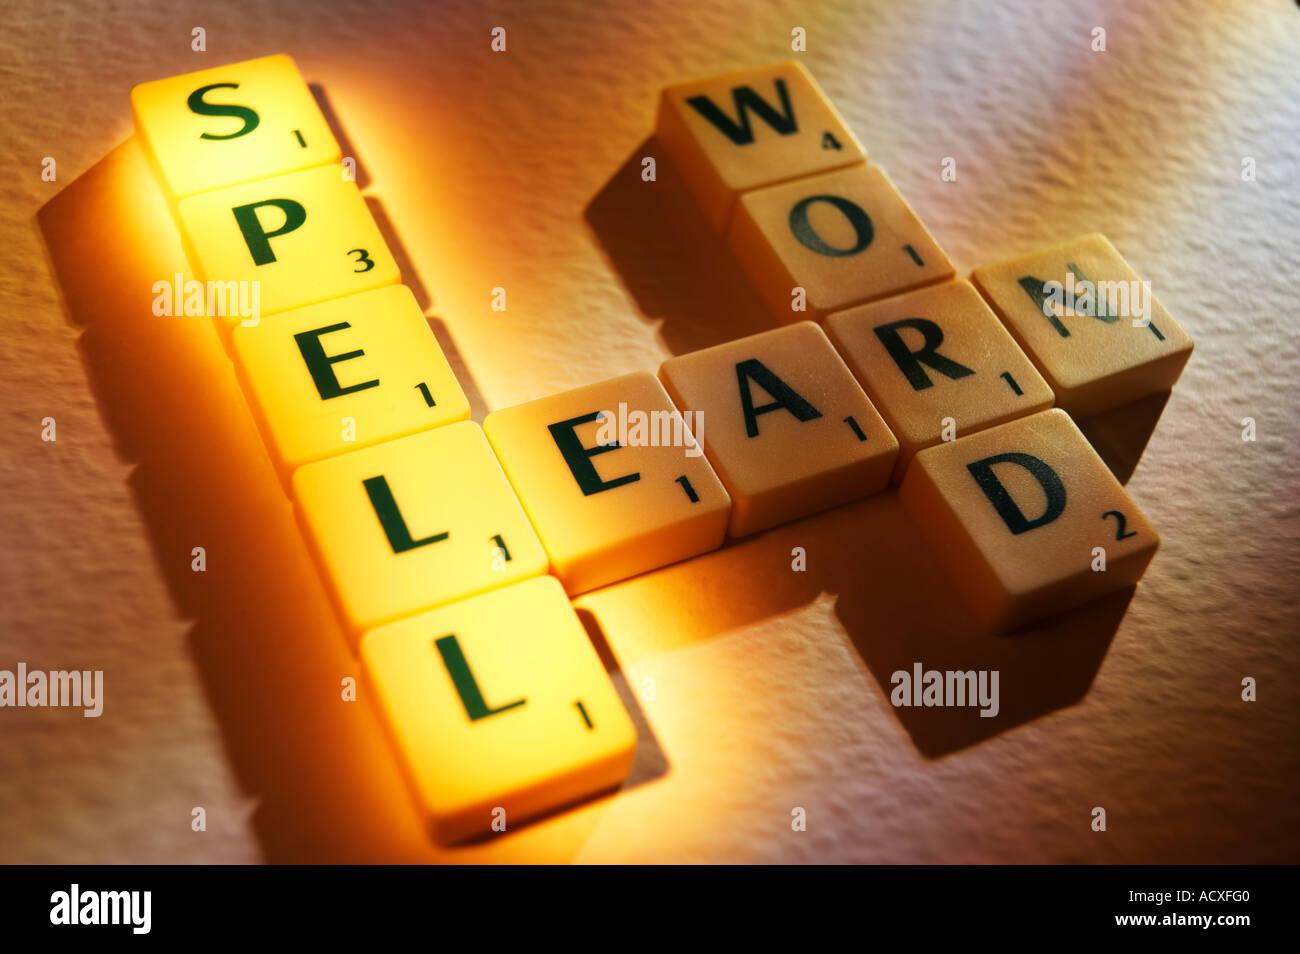 Scrabble board letters